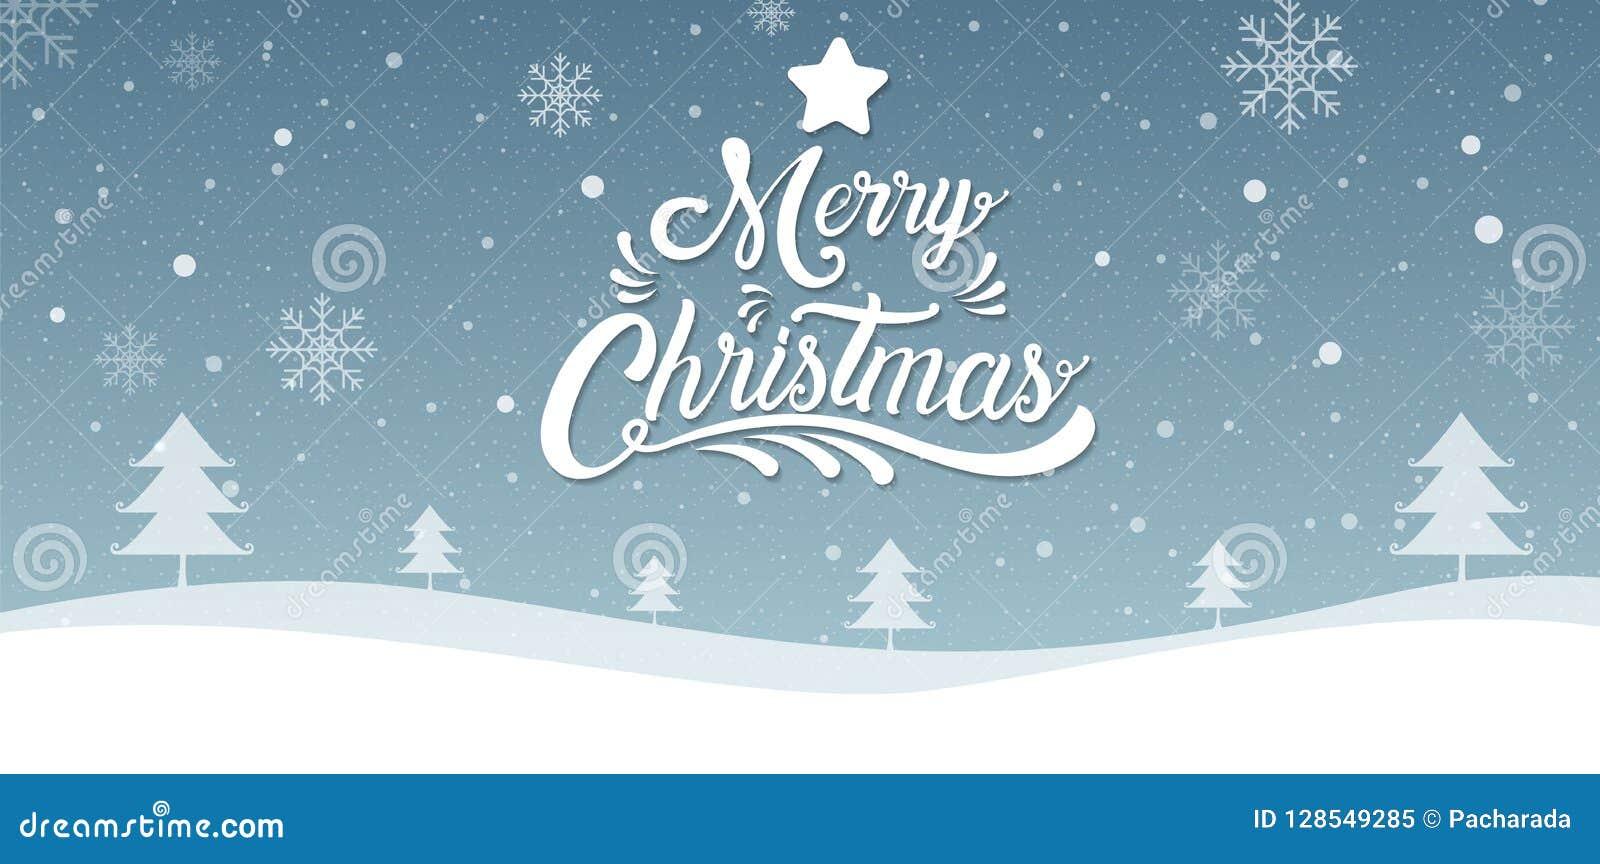 Frohe Weihnachten Guten Rutsch Ins Neue Jahr.Frohe Weihnachten Guten Rutsch Ins Neue Jahr Kalligraphie Zeichen